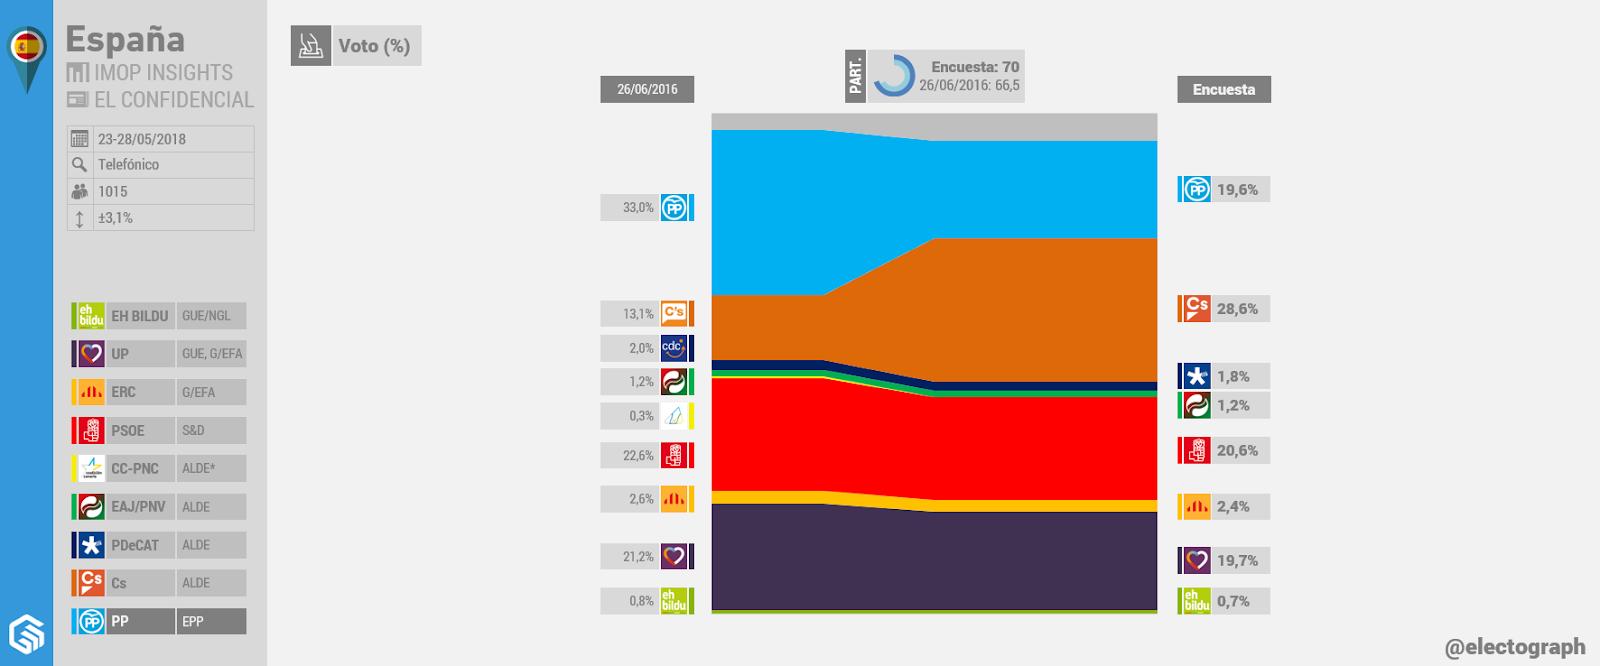 Gráfico de la encuesta para elecciones generales en España realizada por IMOP Insights para El Confidencial en mayo de 2018